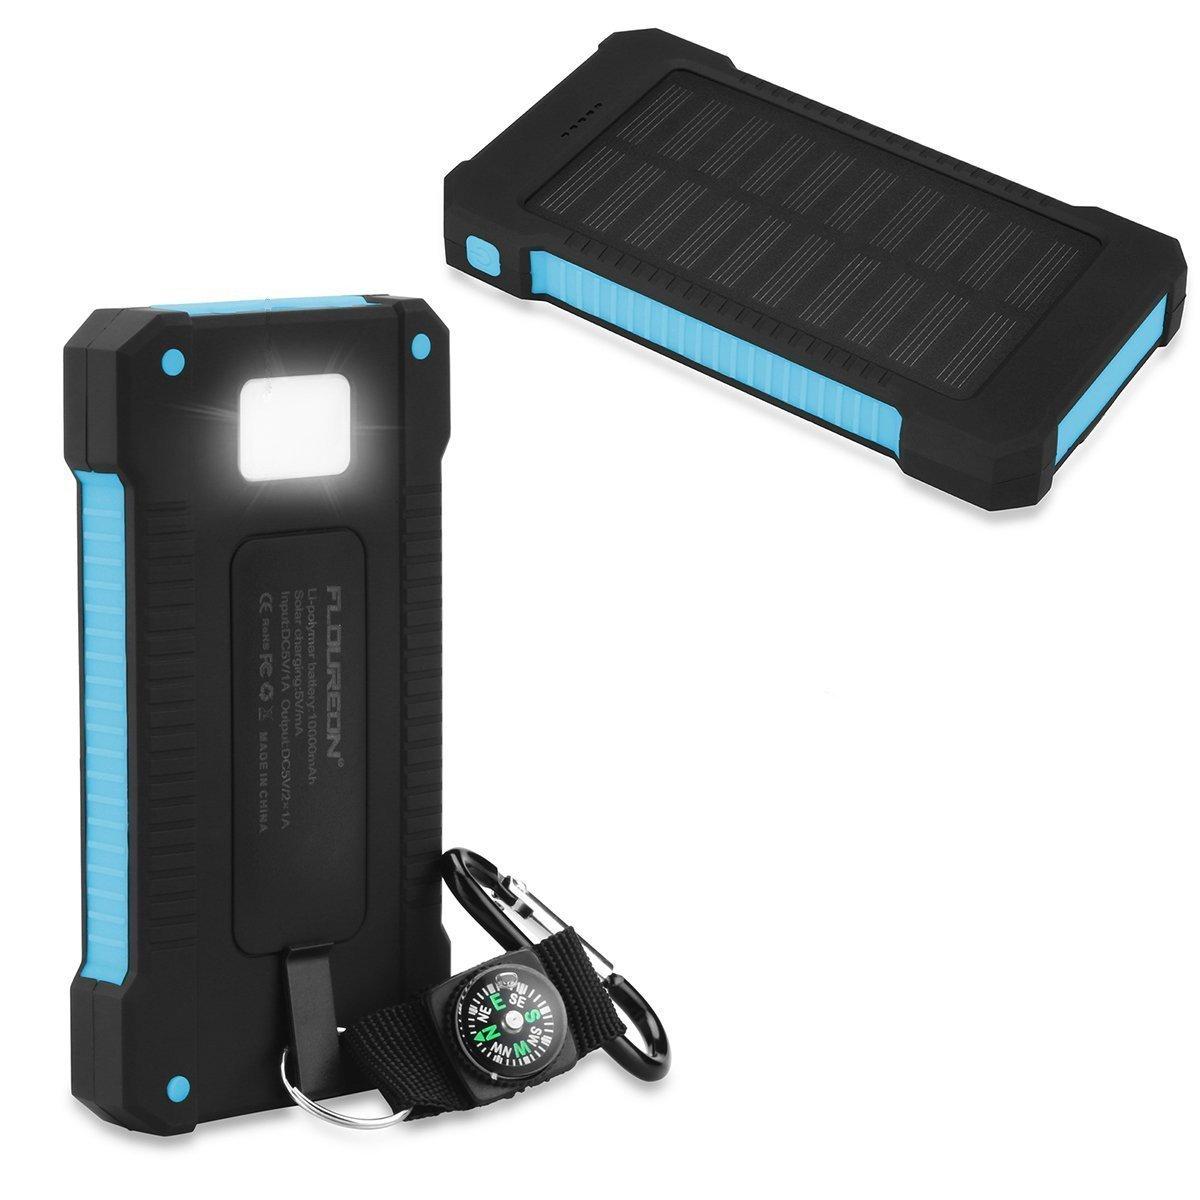 FLOUREON Batterie Externe Portable Batterie de Secours Chargeur Solaire Etanche 10000mAh avec 2 ports USB Boussole et Lampe Torche LED pour Smartphones Samsung Iphone et Tablettes - Bleu